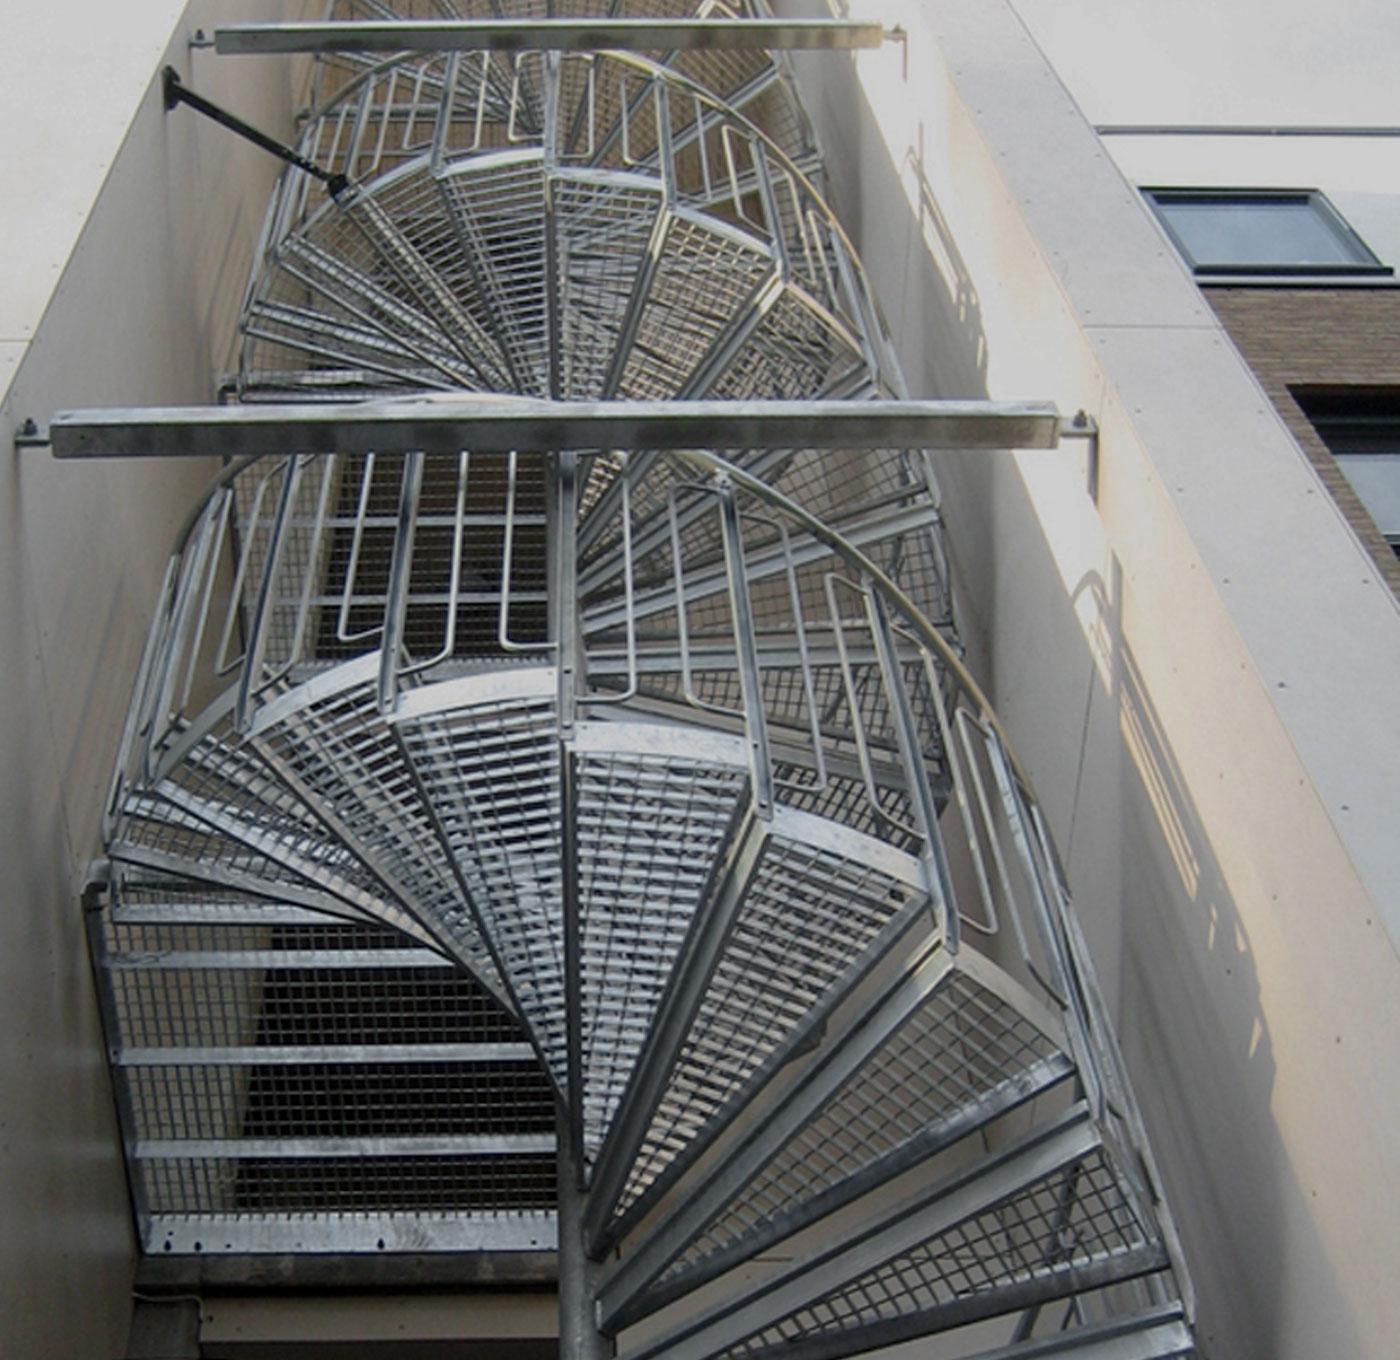 spindeltreppe schweisspress stufen